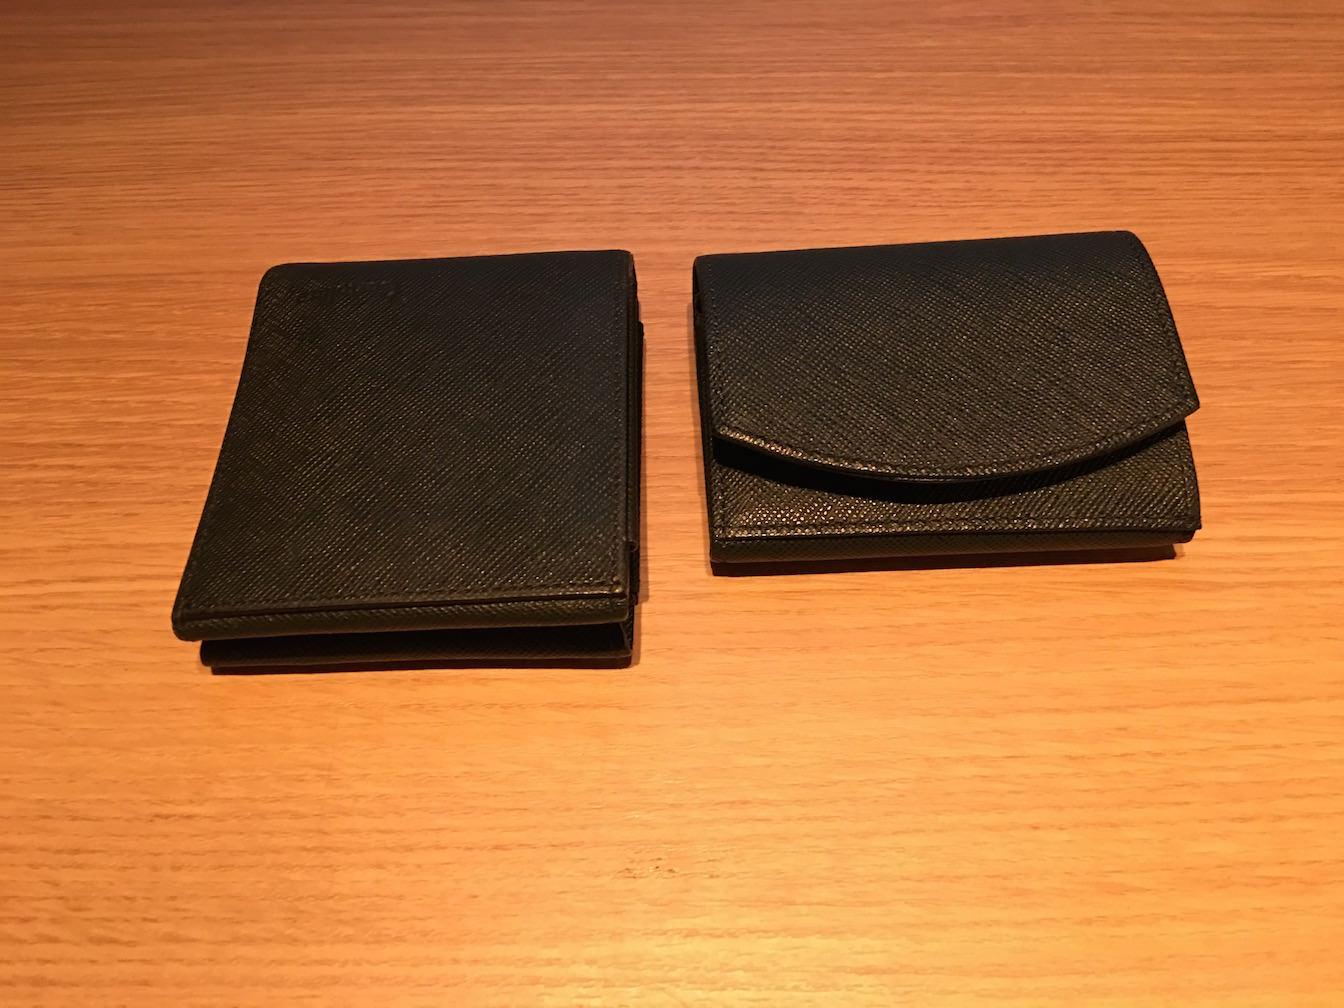 Caltolare reception hammock wallet compact 22